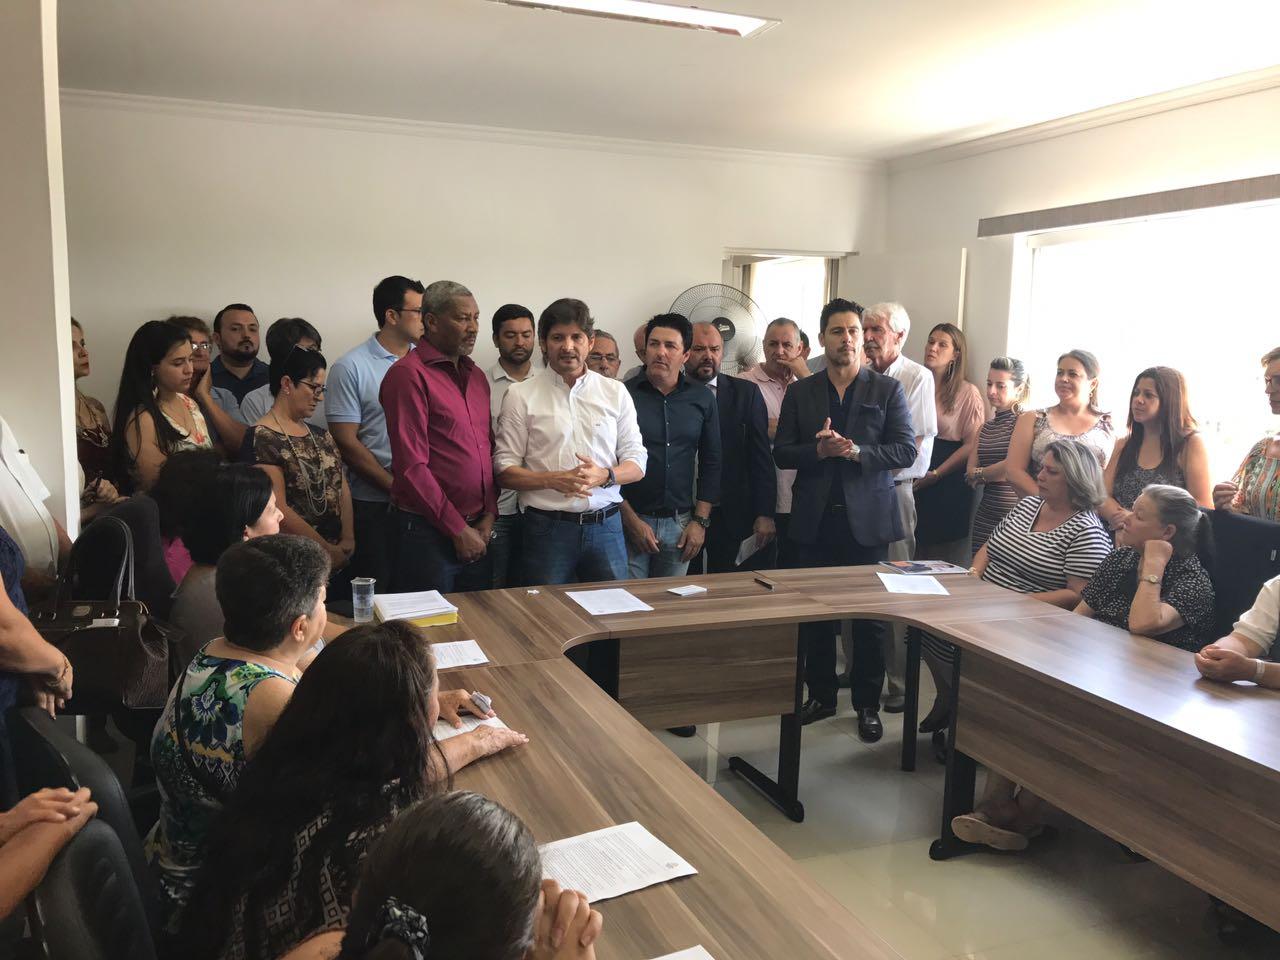 Durante cerimônia realizada na tarde desta quarta-feira, dia 28, o prefeito Carlos Alberto Taino Júnior – Inho, assinou convênio para liberação de emenda no valor de R$ 700 mil e o contrato para finalização da unidade municipal do INSS